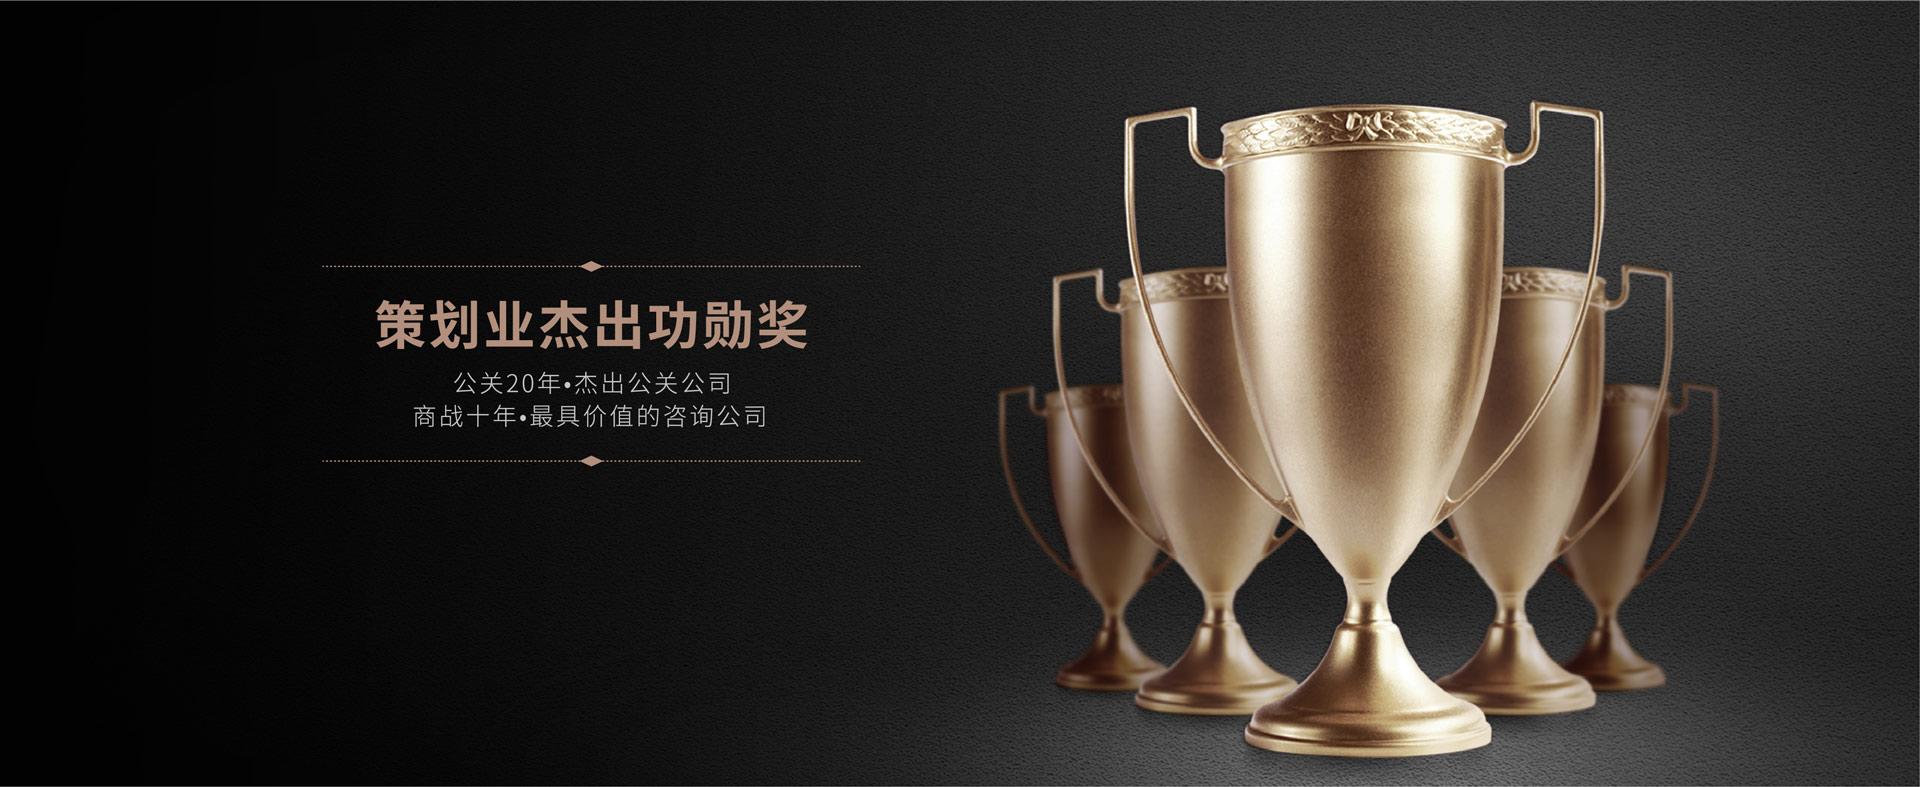 上海营销策划公司-品牌营销策划-品牌战略咨询